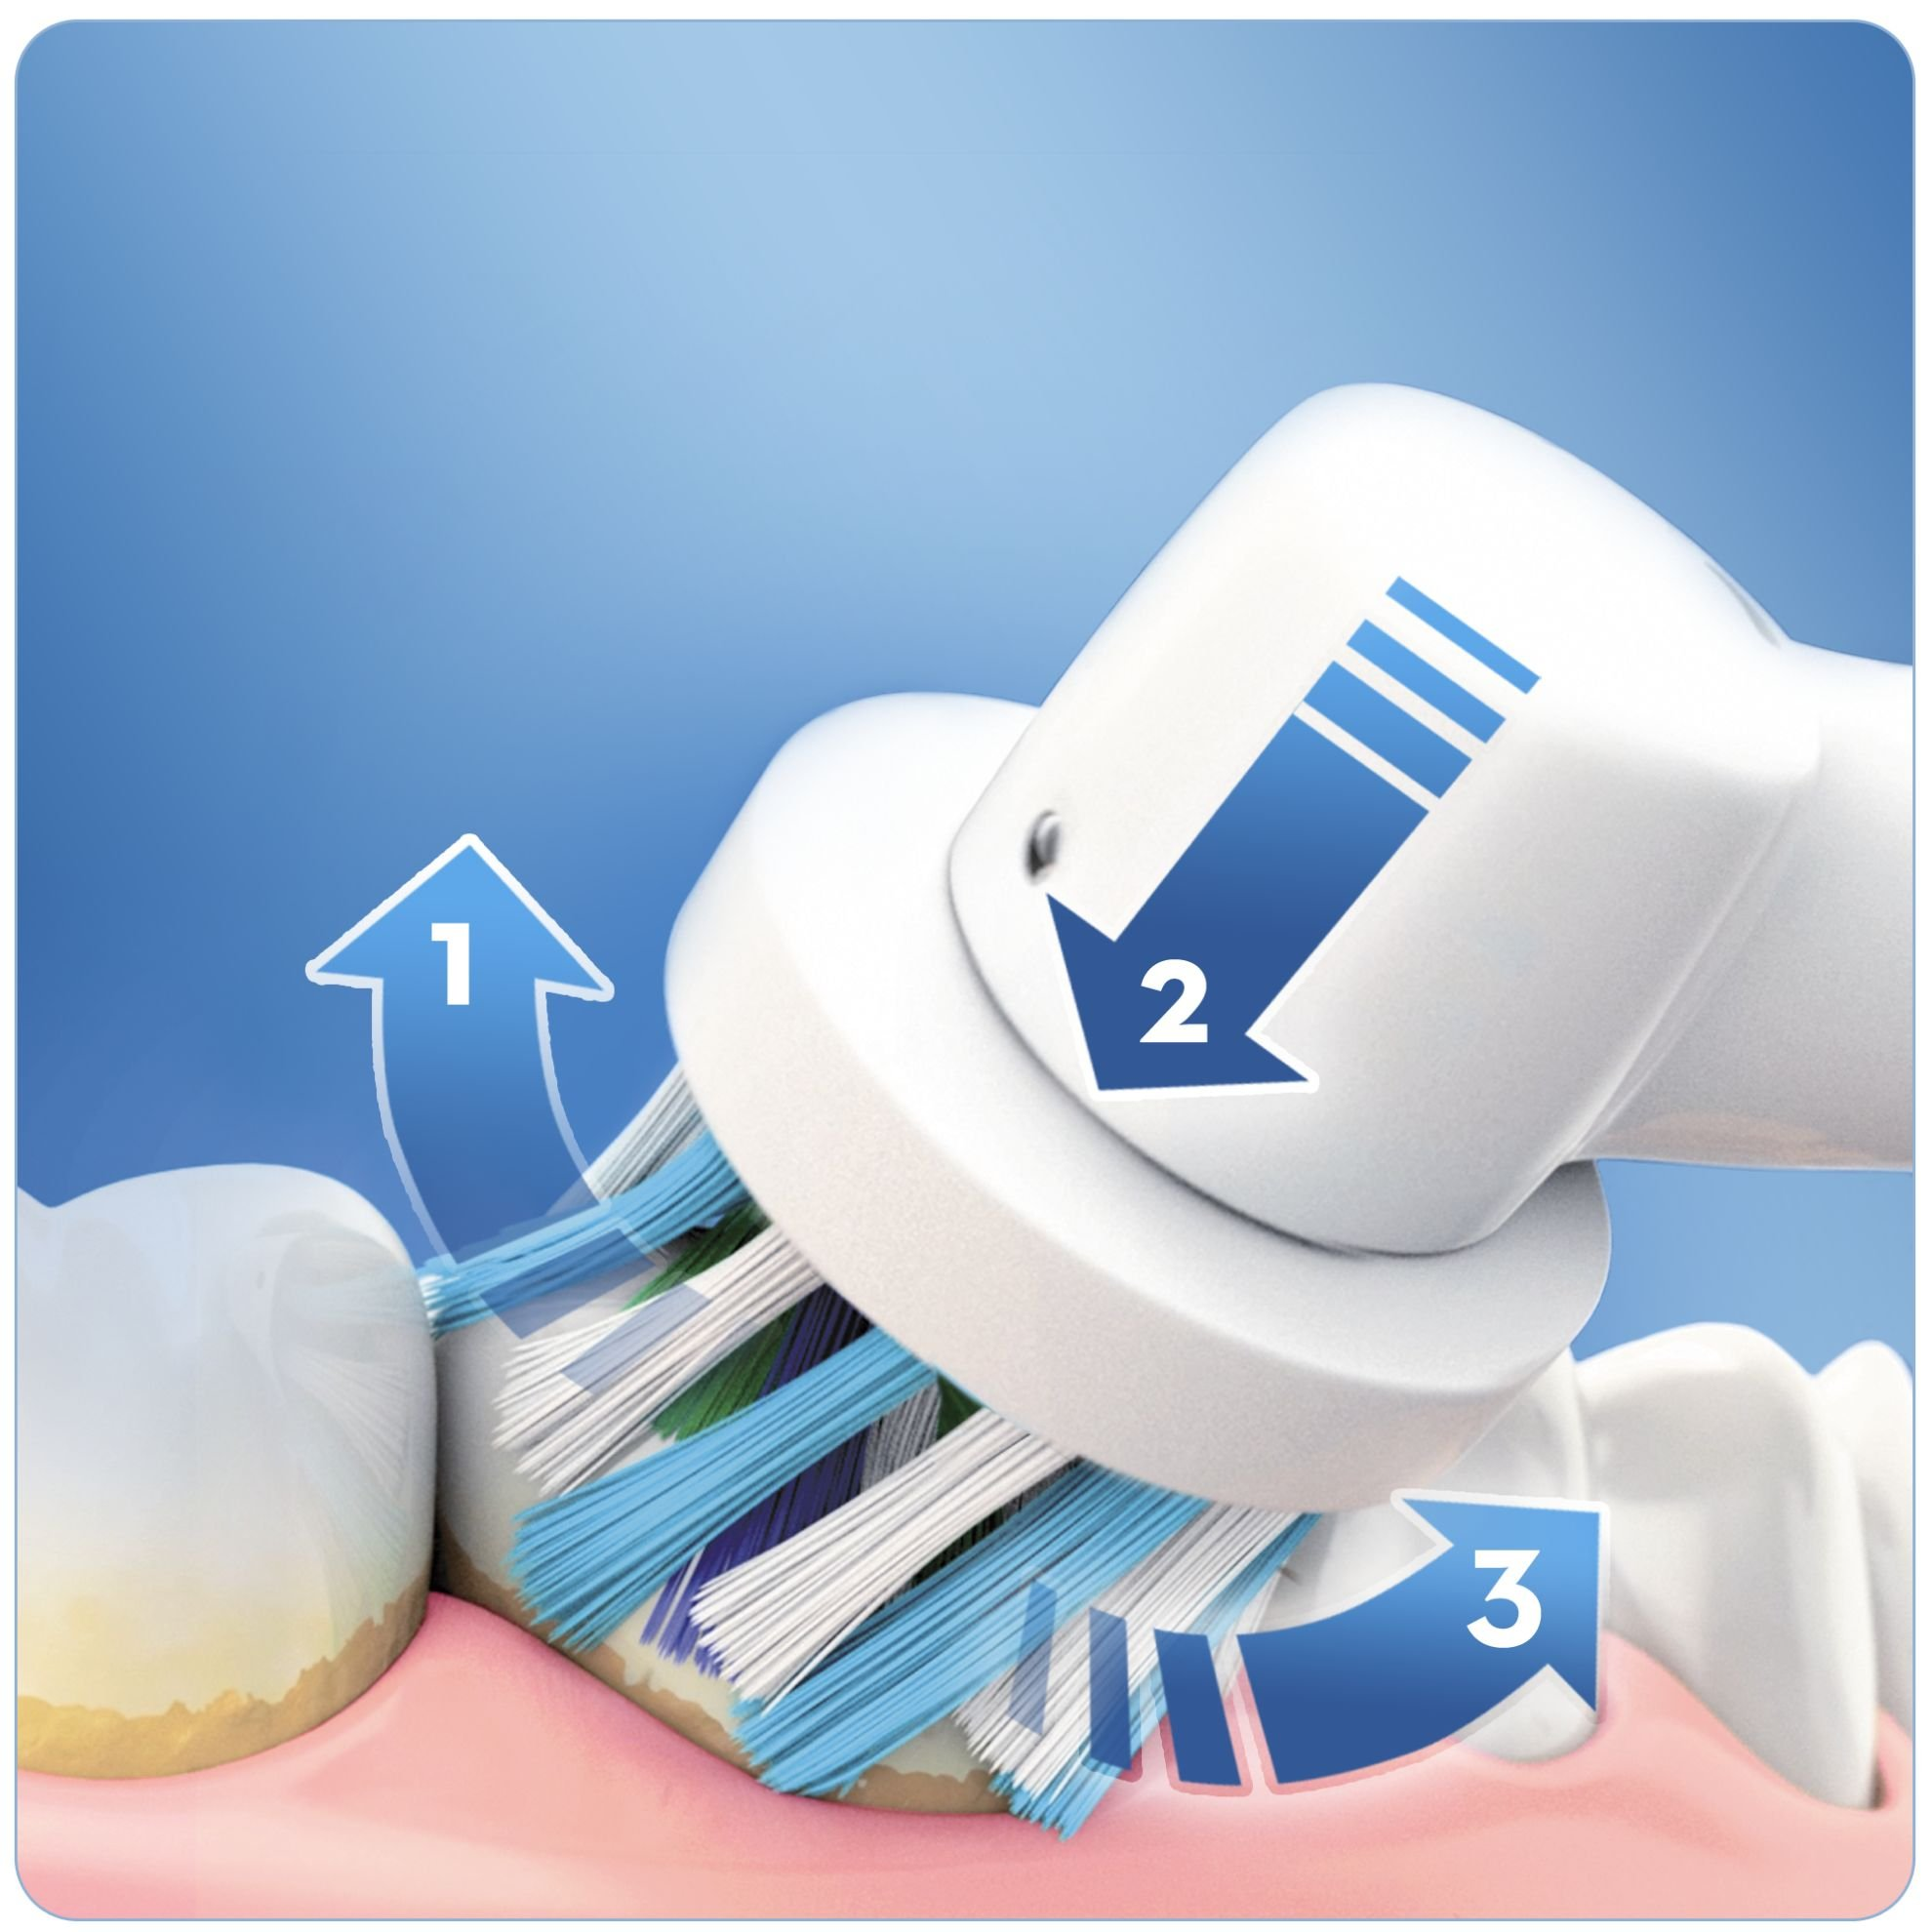 Oral-B Pro 750 Crossaction Spazzolino Elettrico Ricaricabile ... f1cf1571cd81